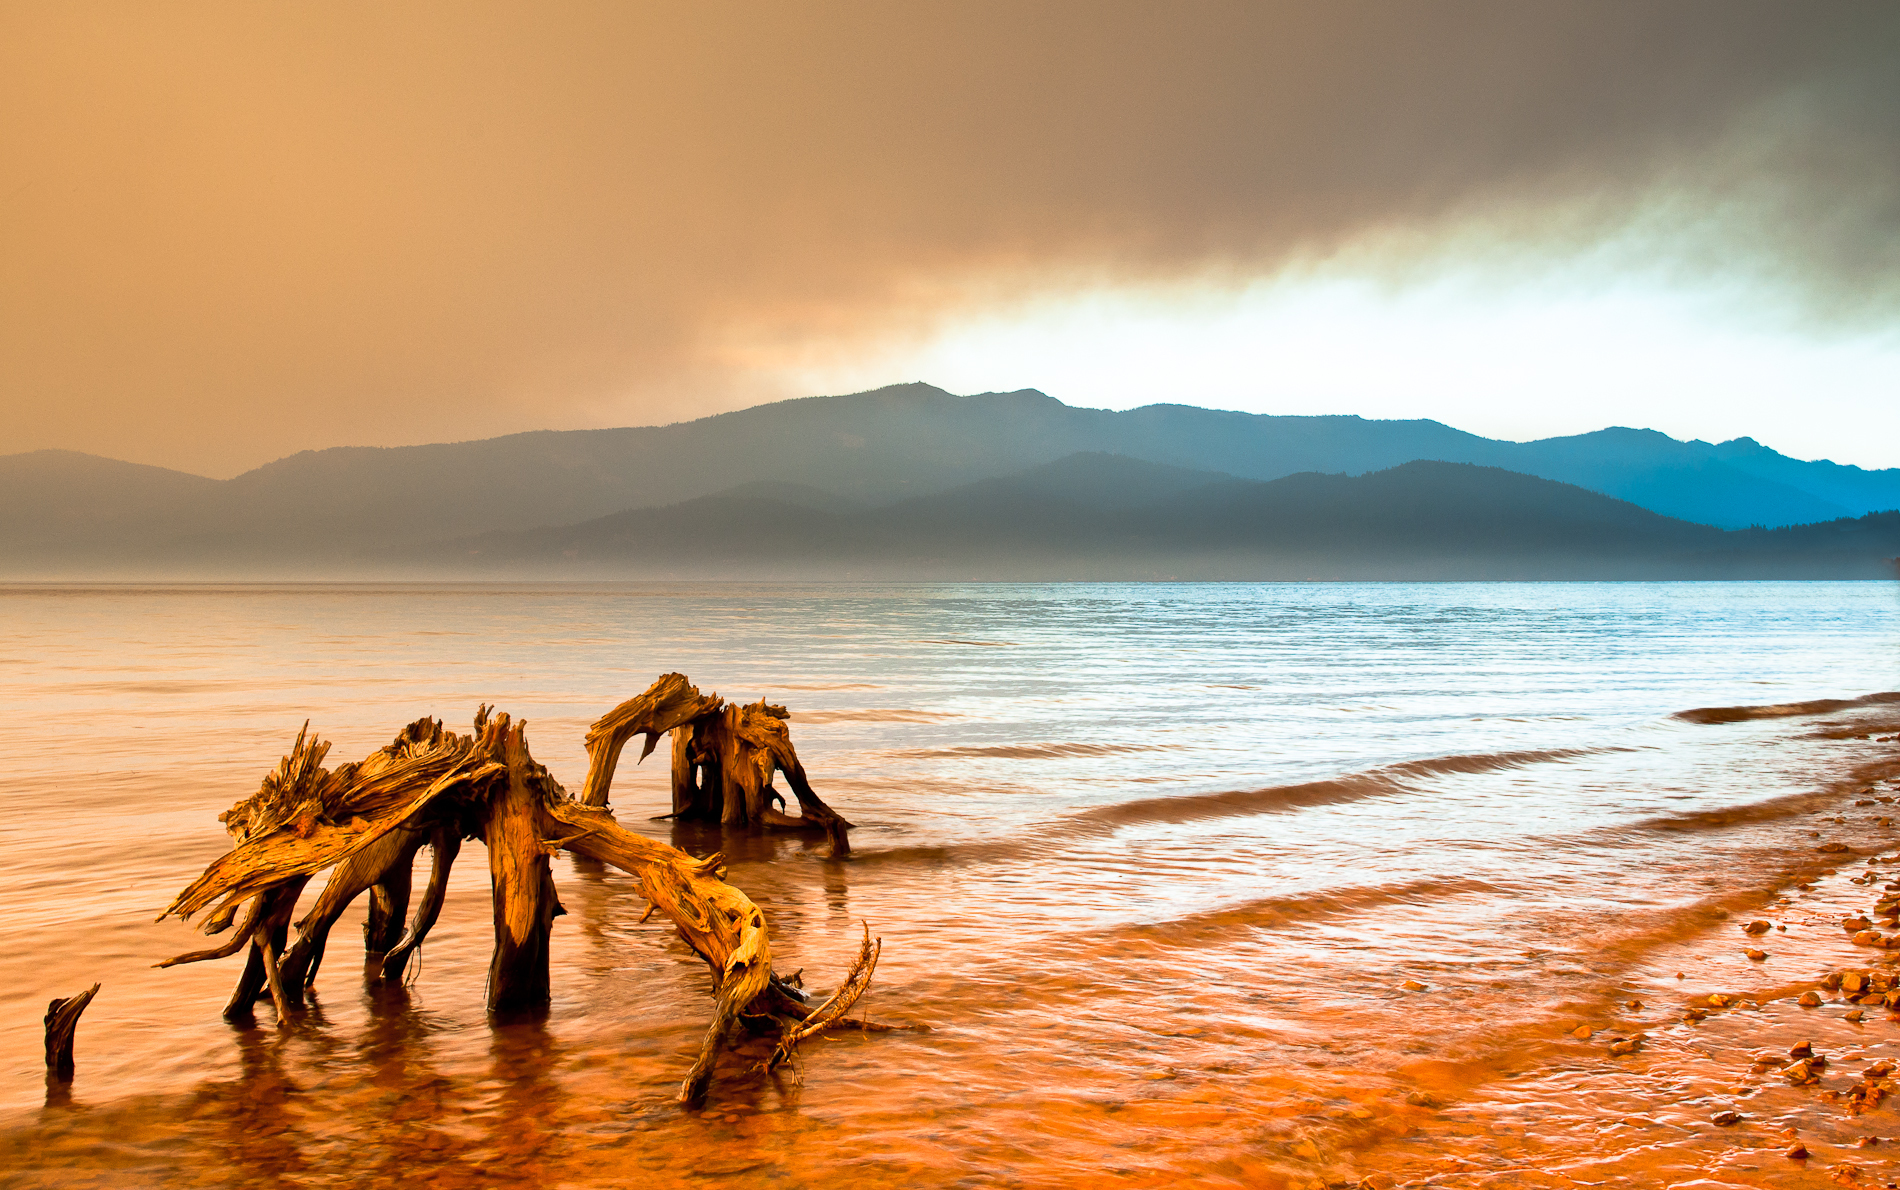 lake almanor  VER 2  trees fire gonejpeg-0482.jpg